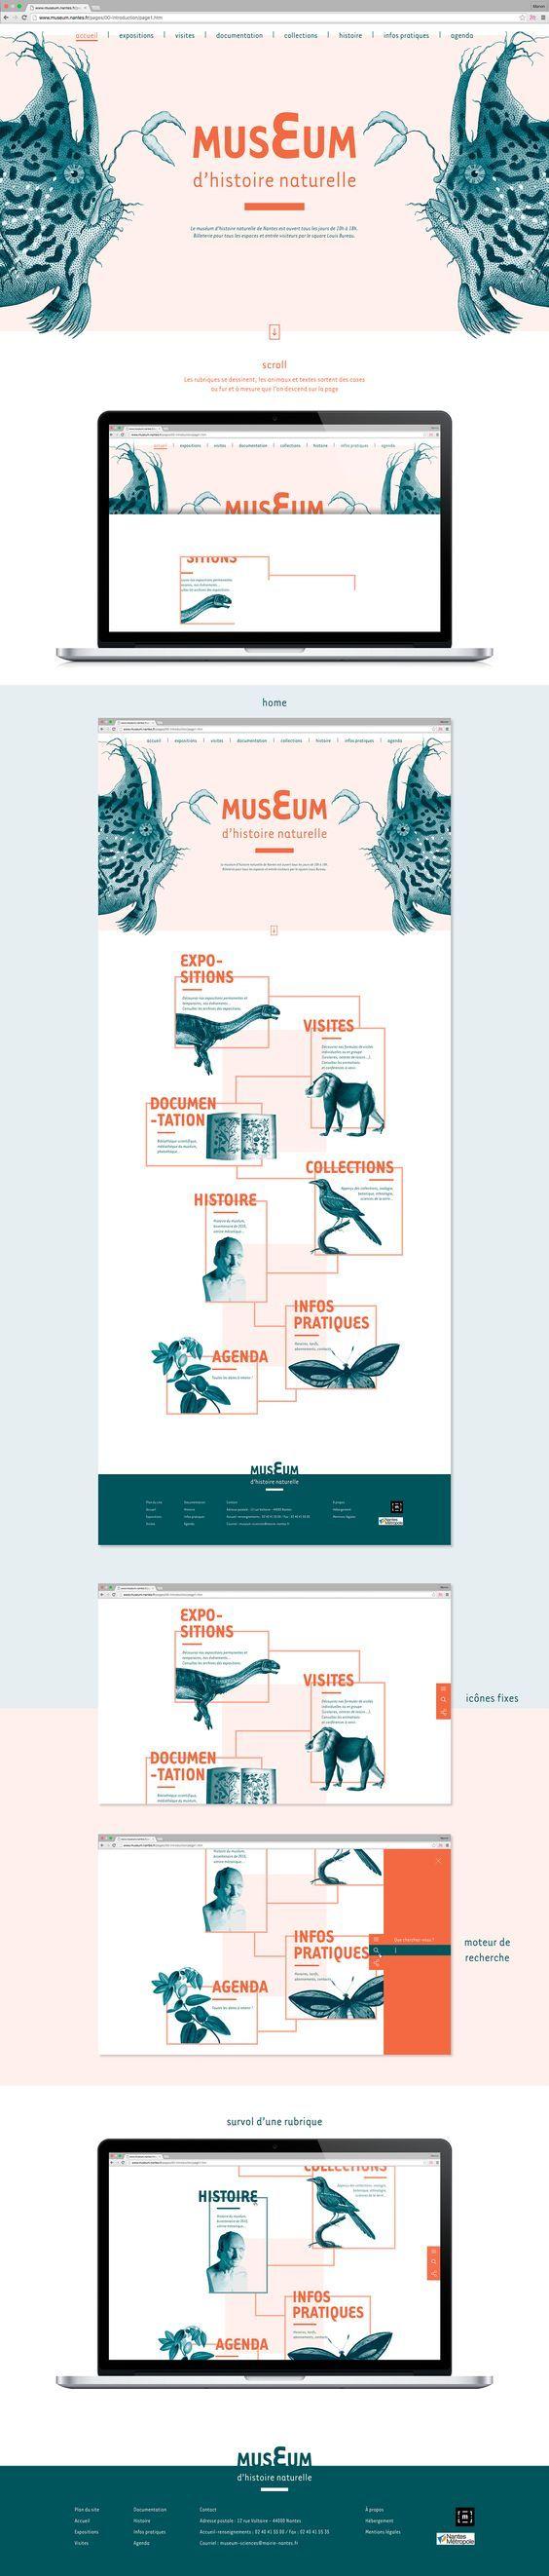 Refonte du site web du museum d'histoire naturelle de Nantes.(Projet fictif):